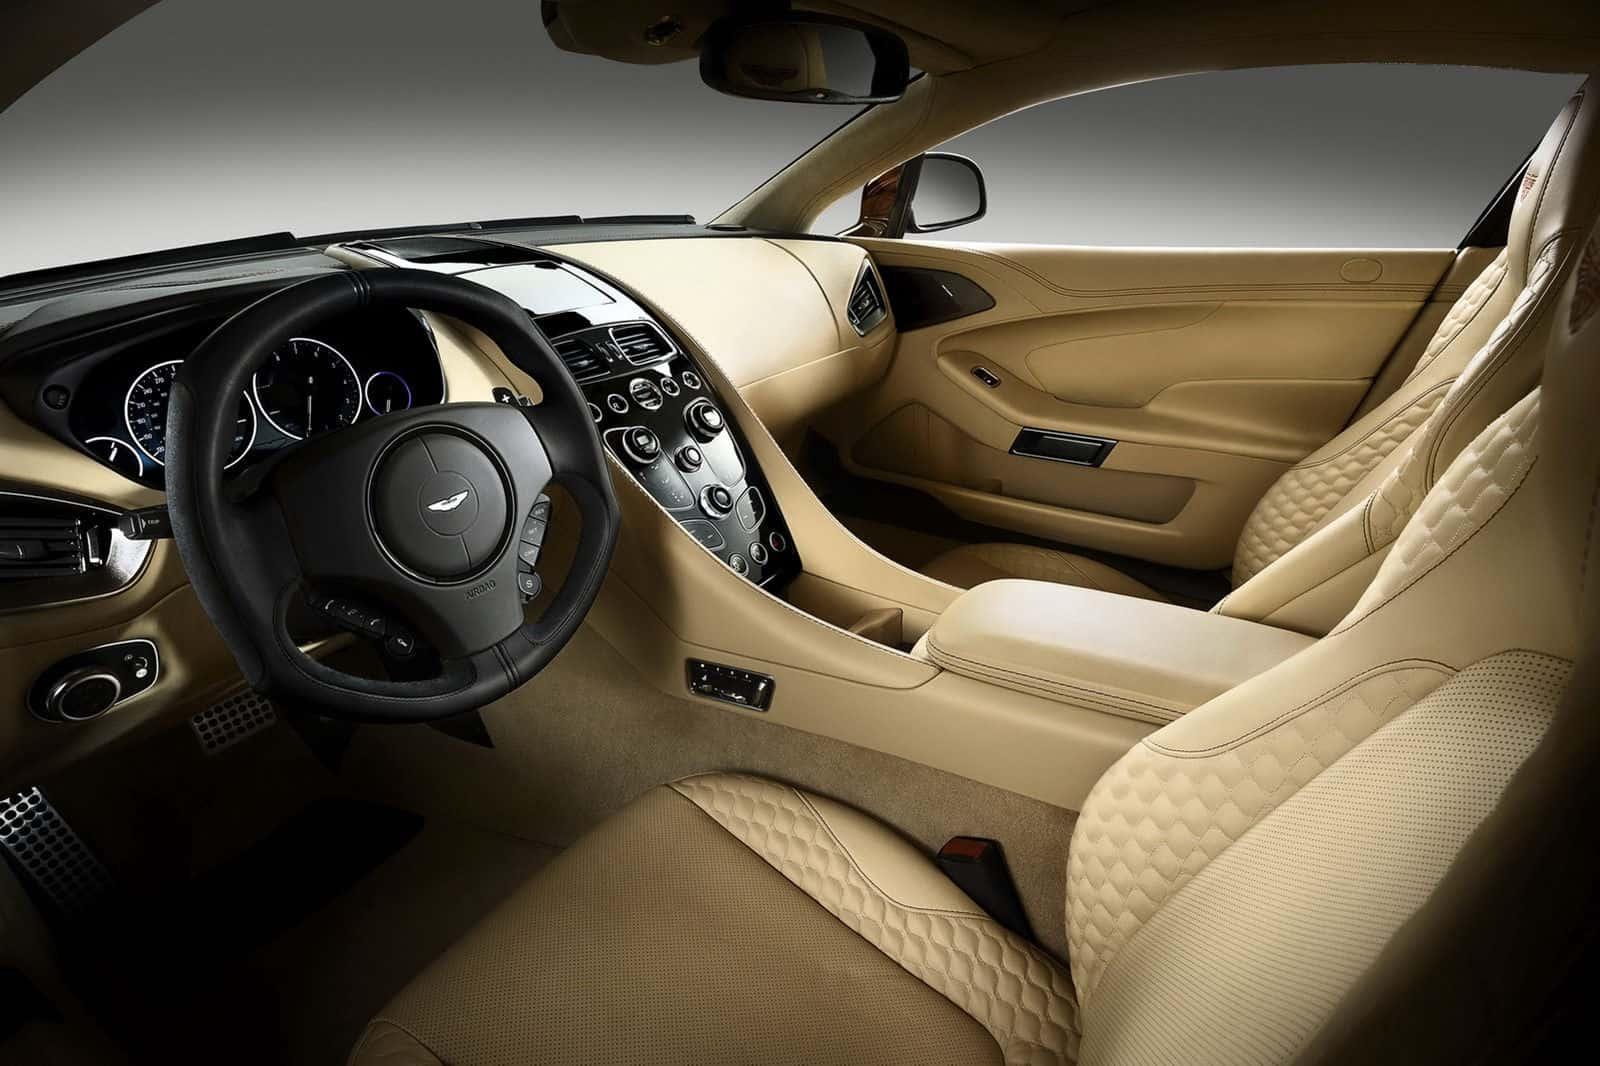 2013 Aston Martin Vanquish Mk2 interior pictures